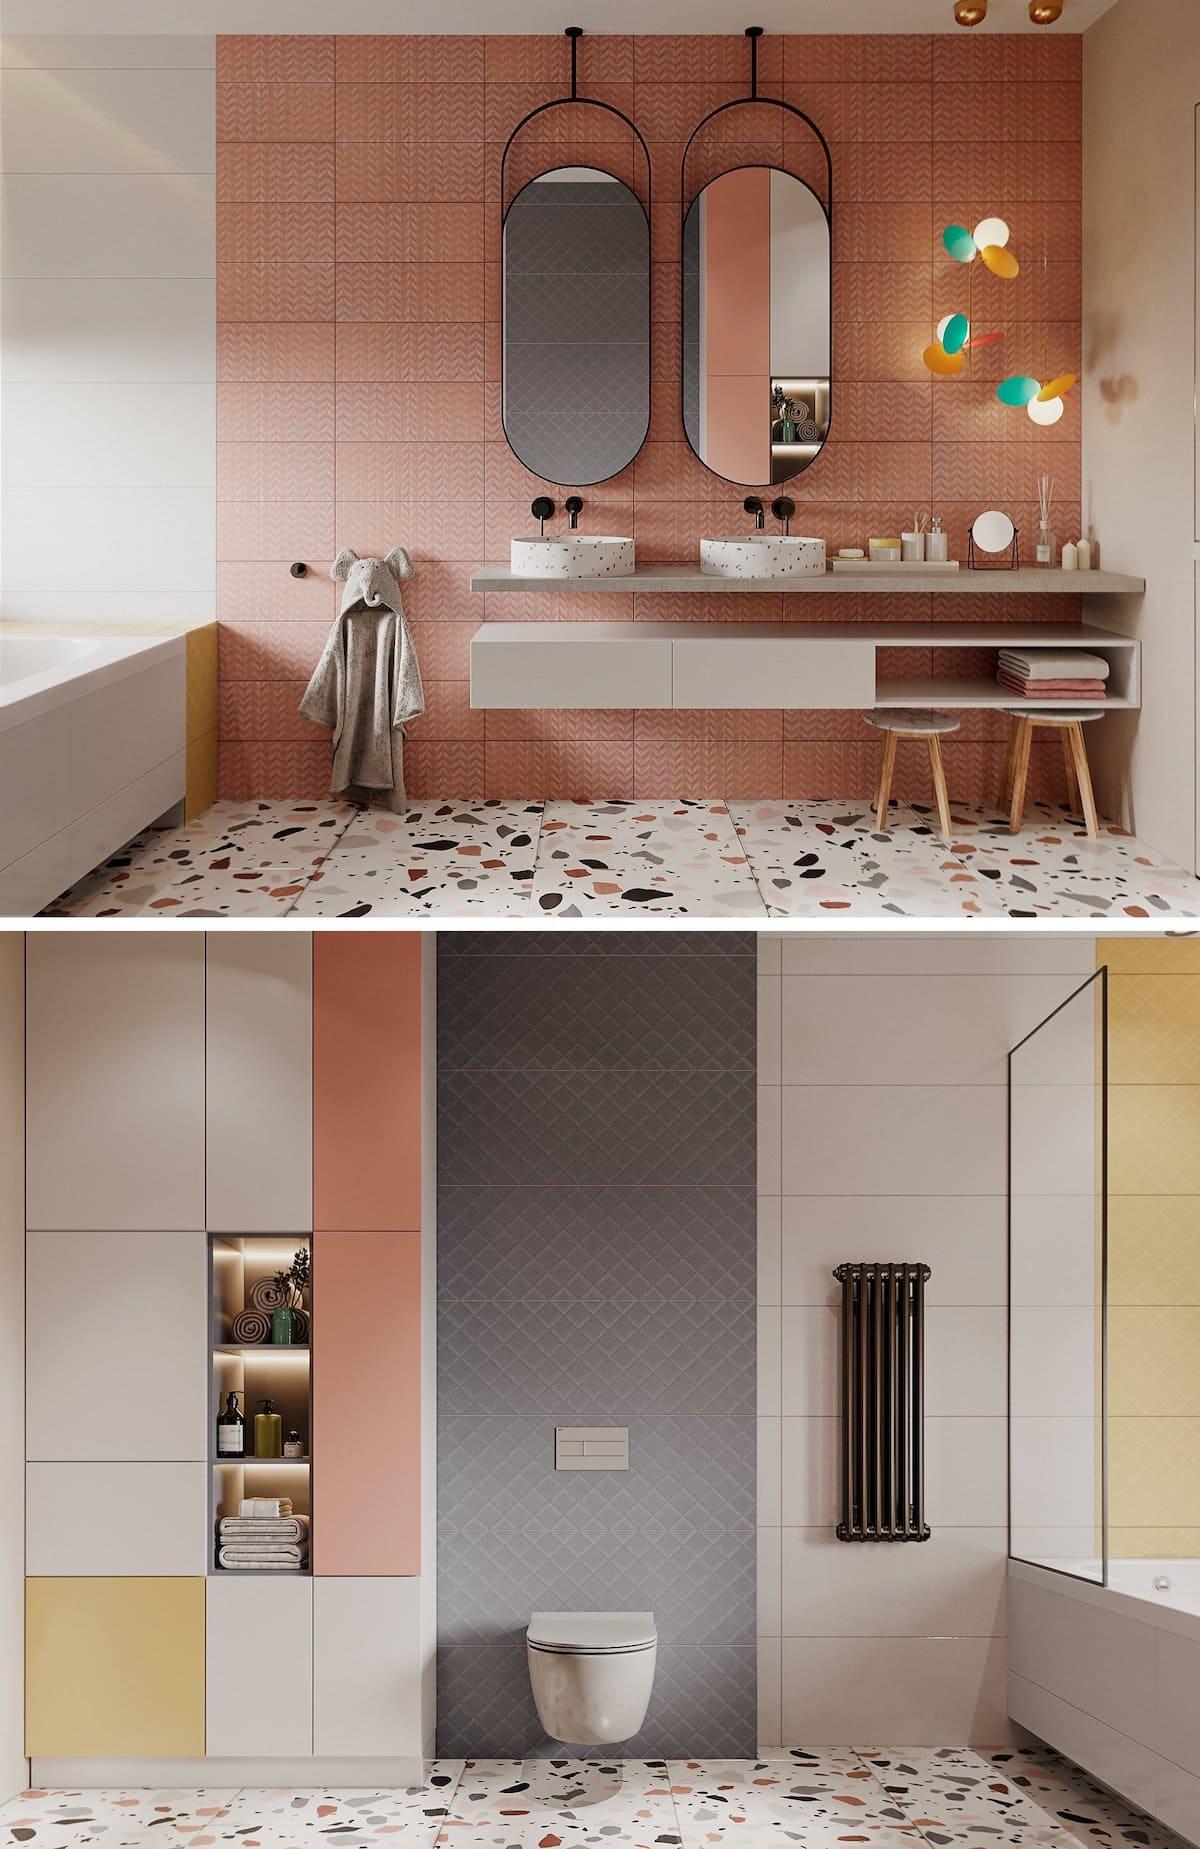 дизайн интерьера ванной комнаты фото 38